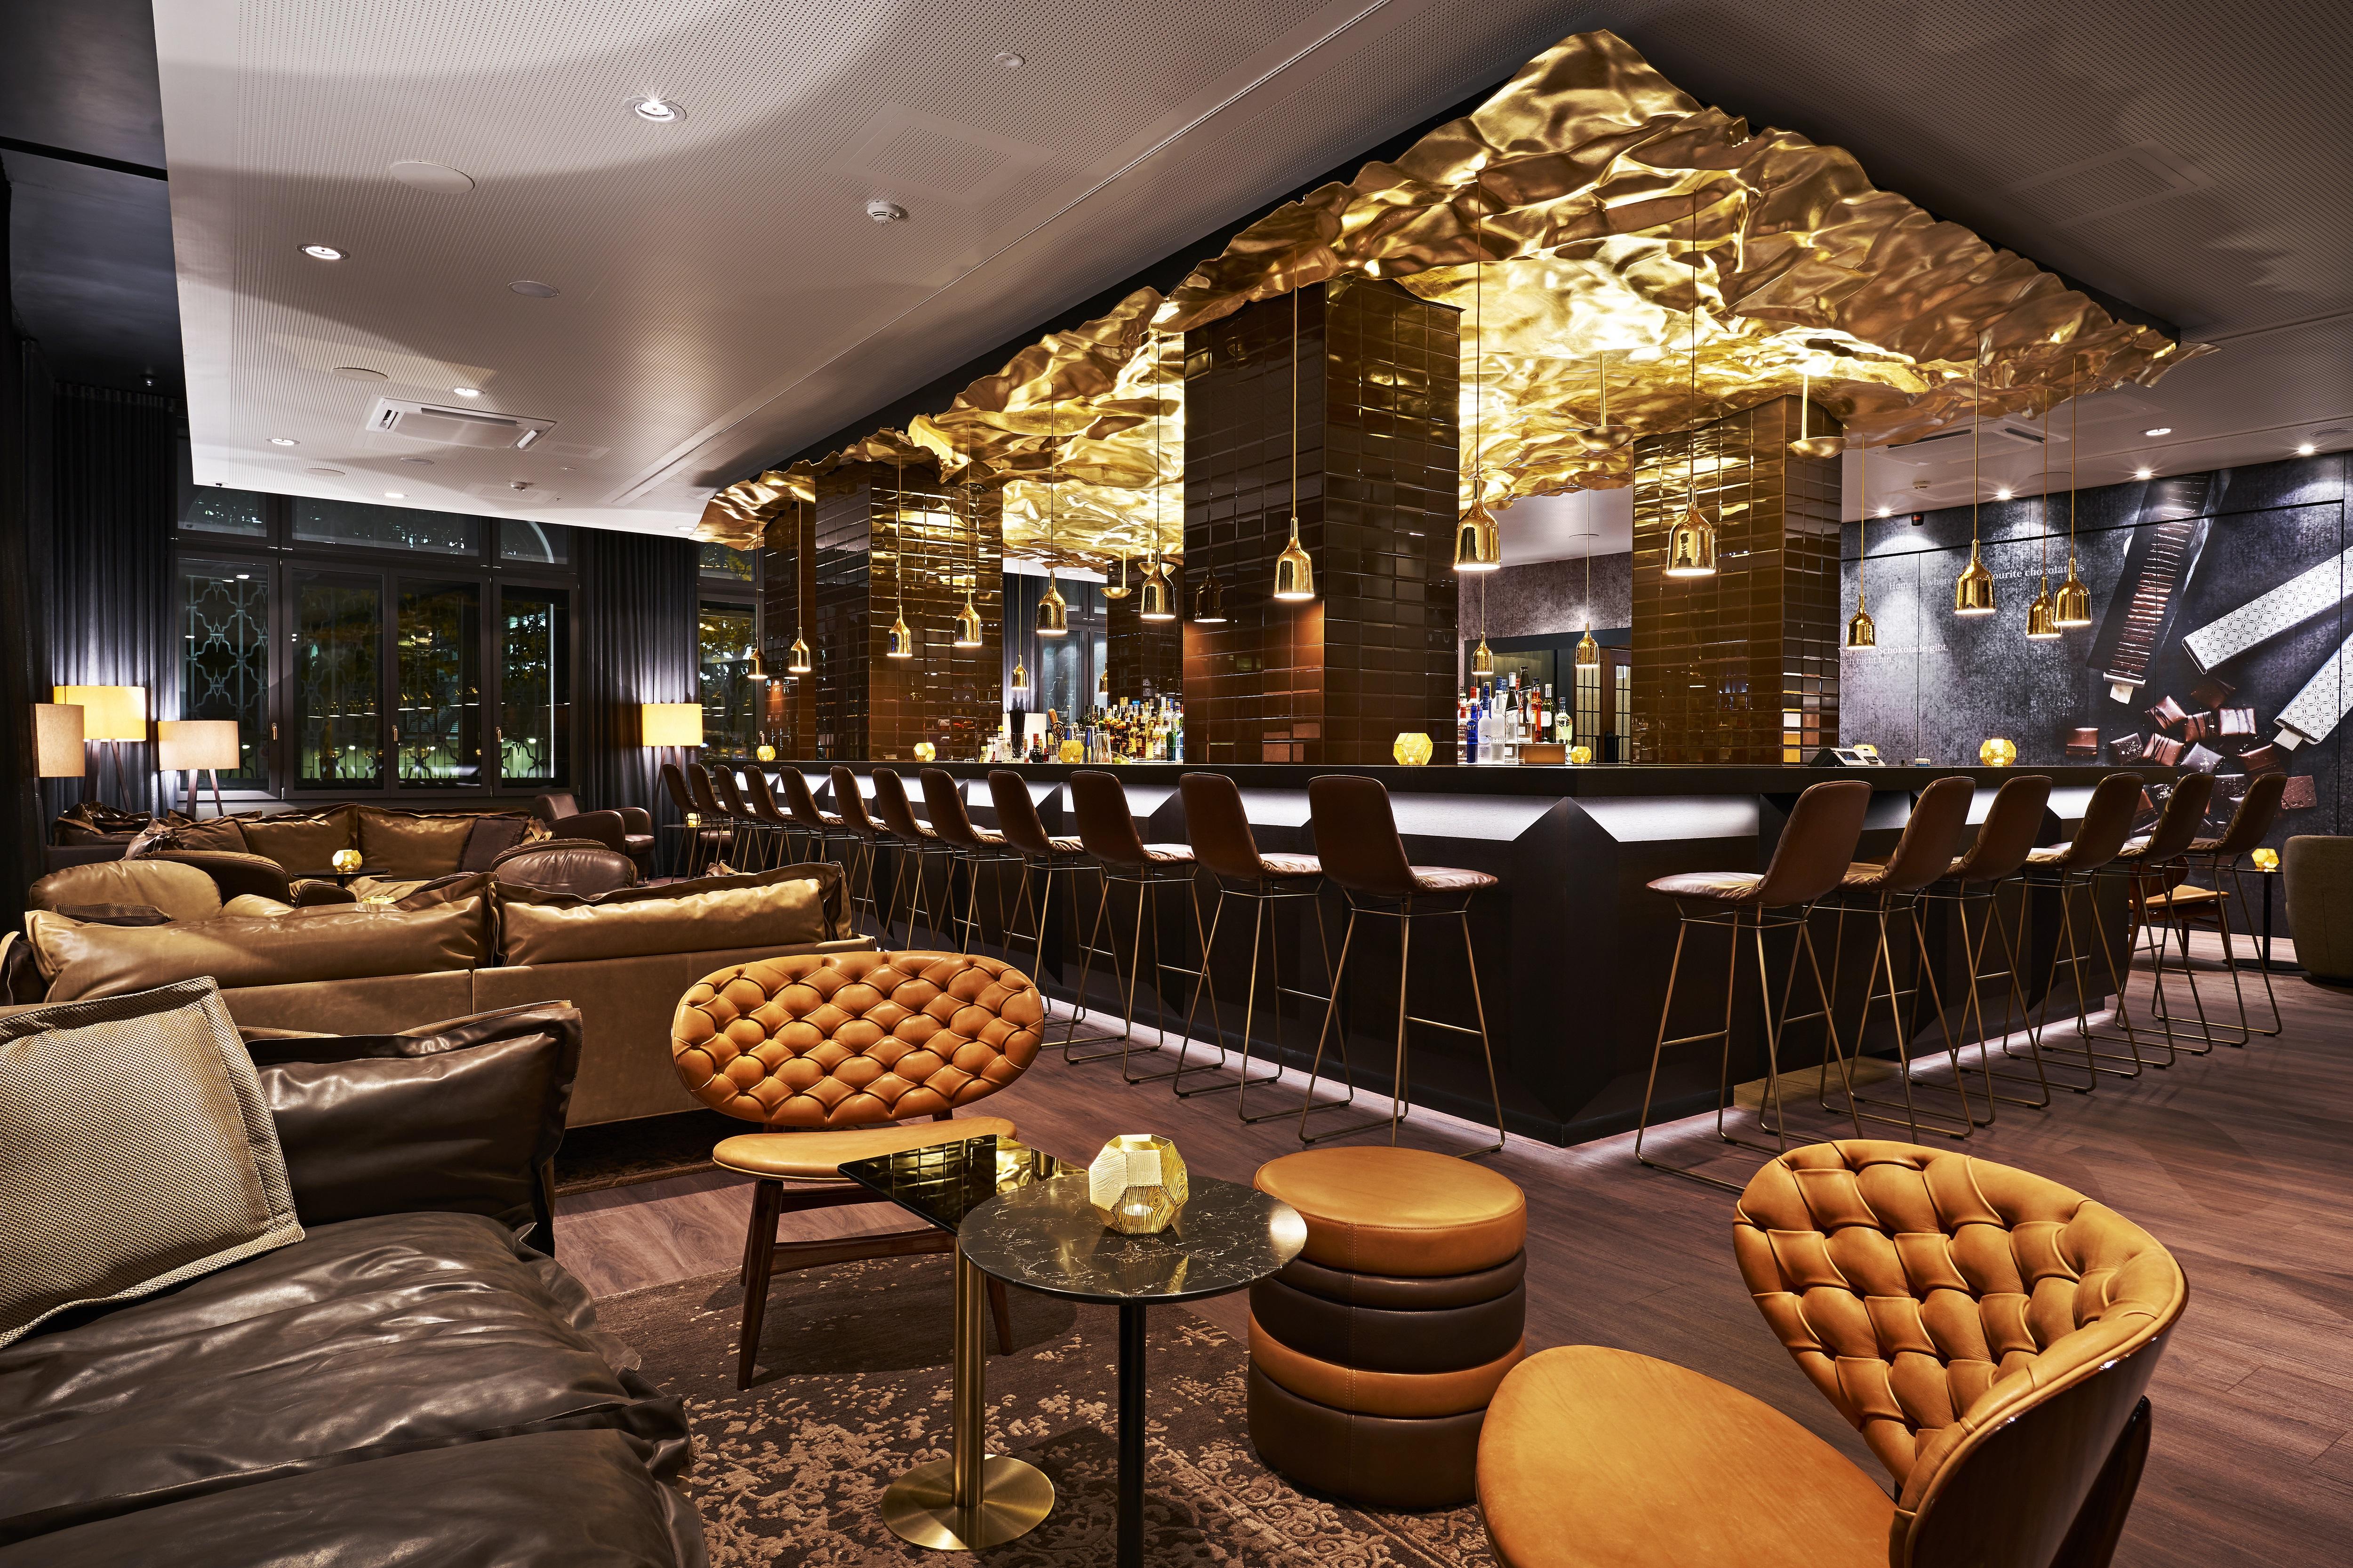 Hotels Zurich Motel One Gunstiges Design Hotel Zurich